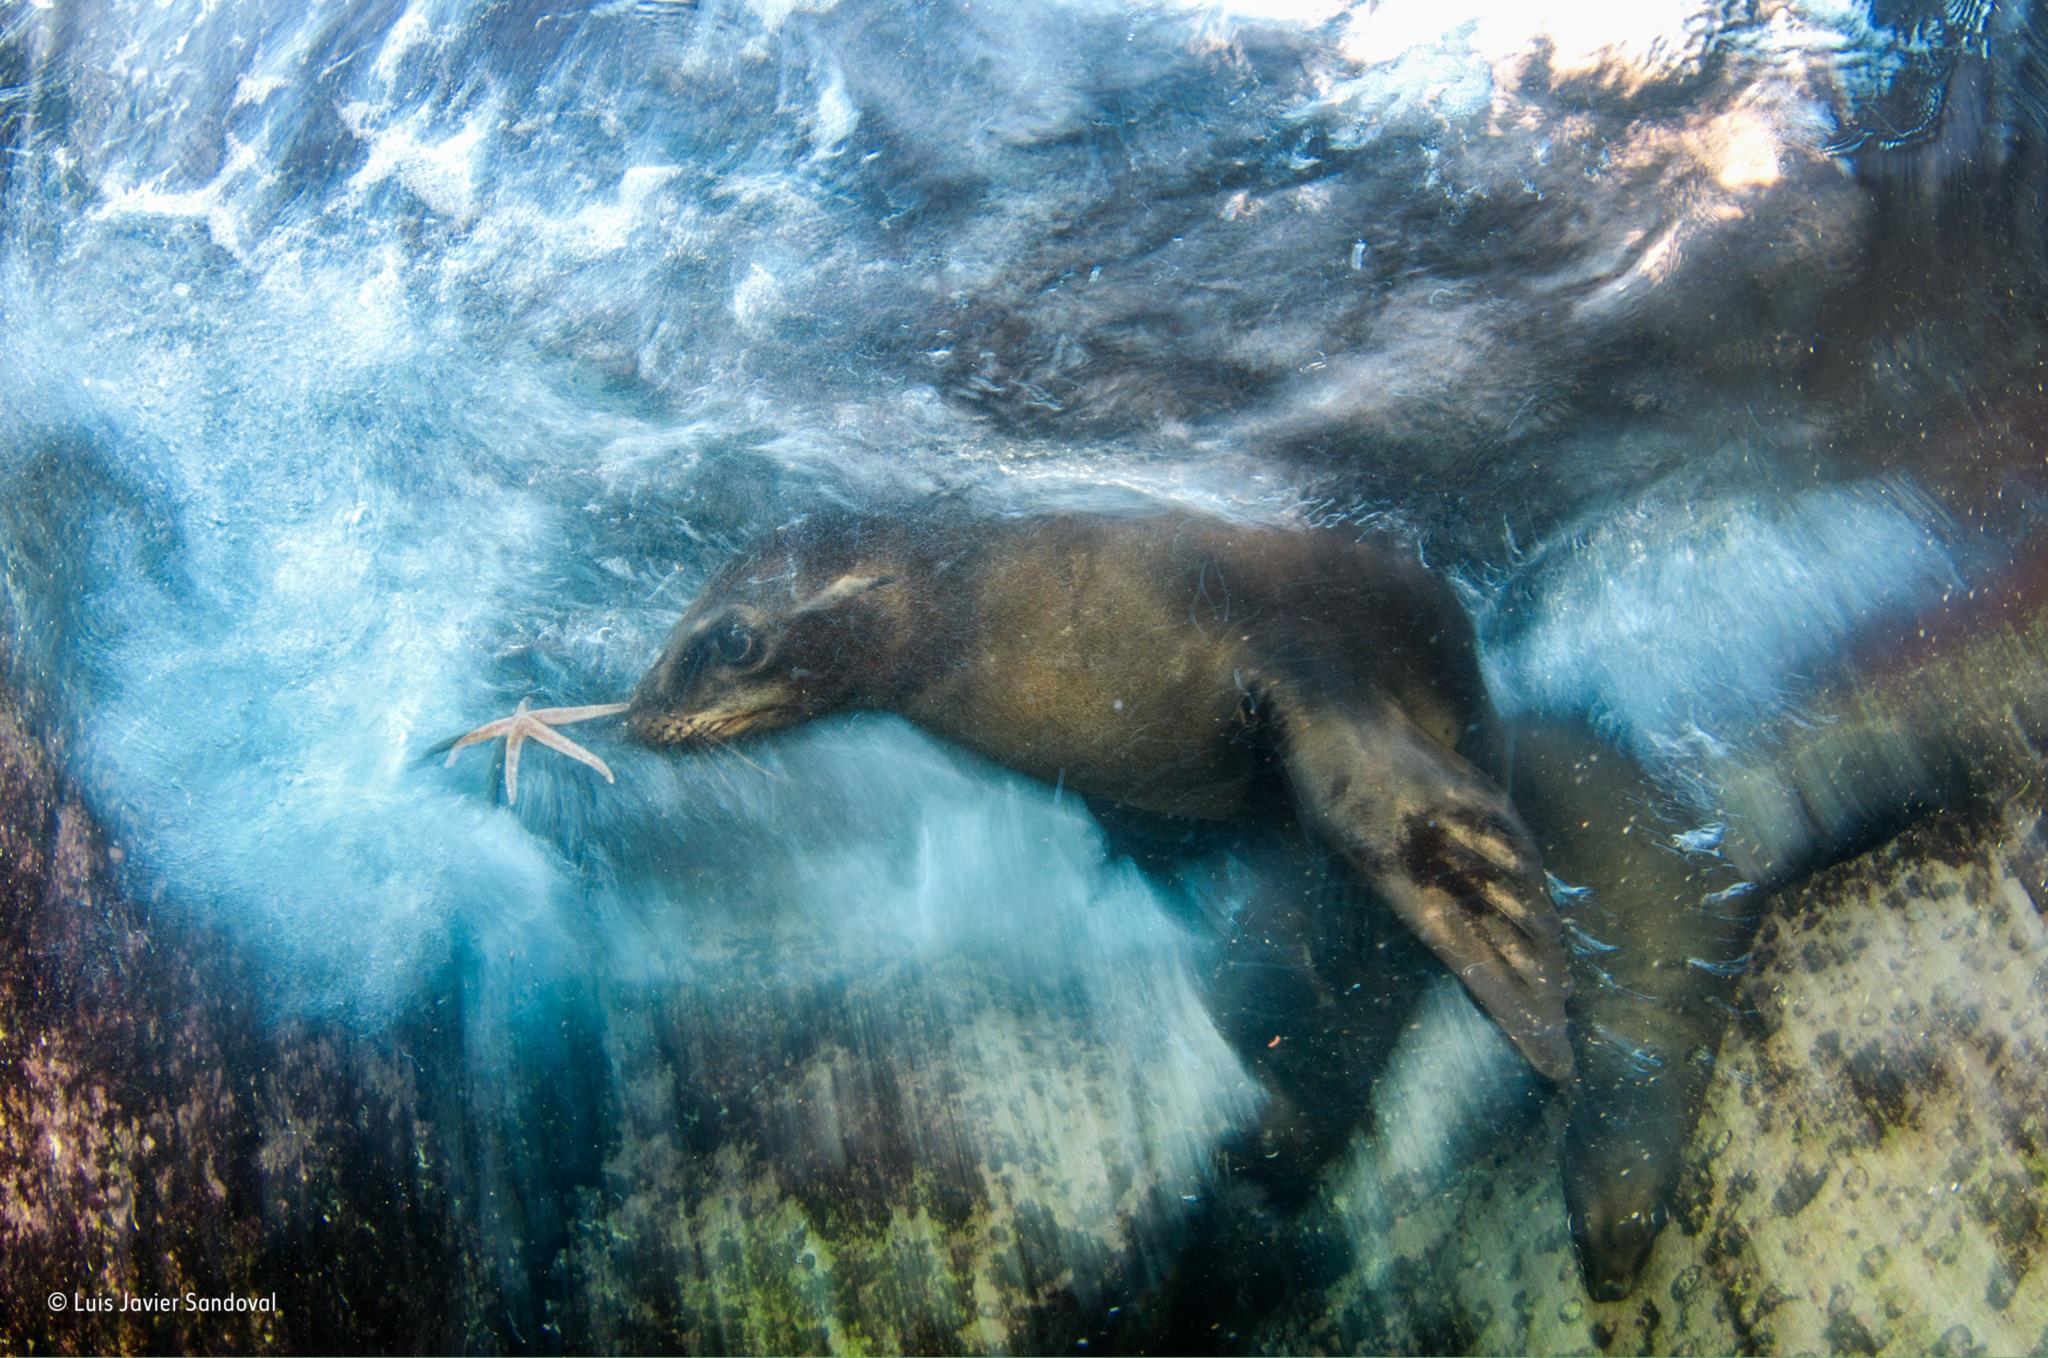 Leão marinho no Golfo da Califórnia (Vencedor Movimento)